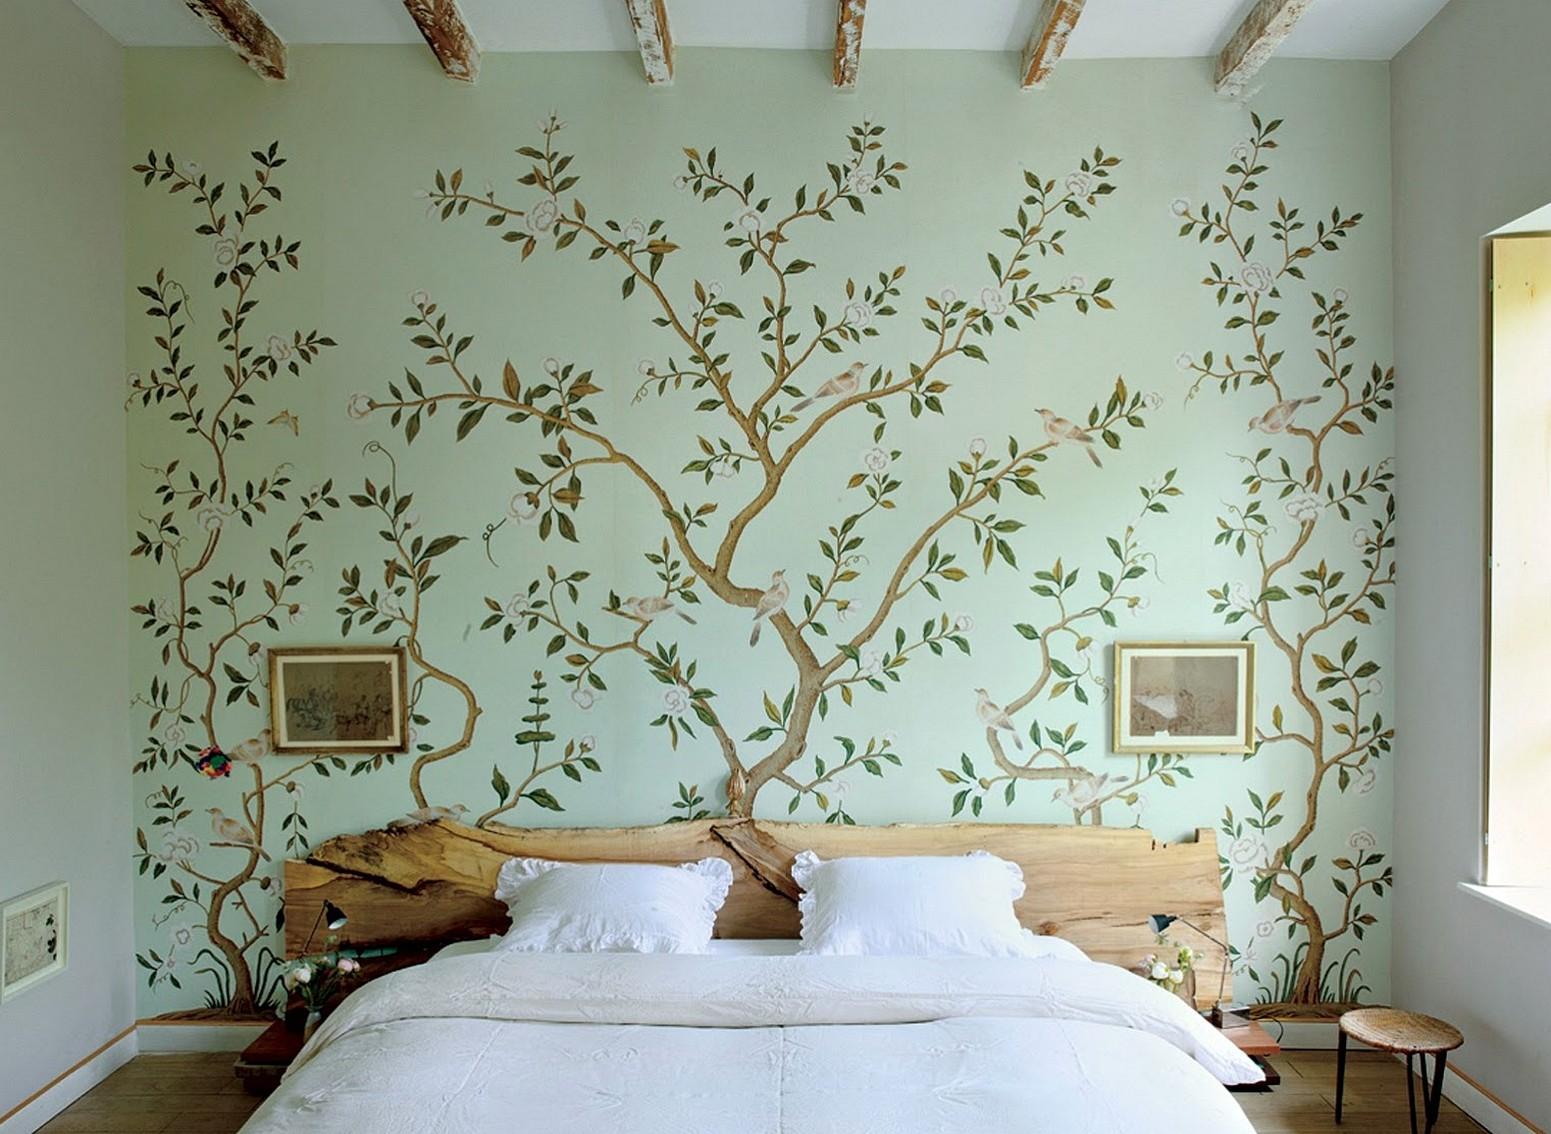 Фотообои с рисунком над кроватью в спальне